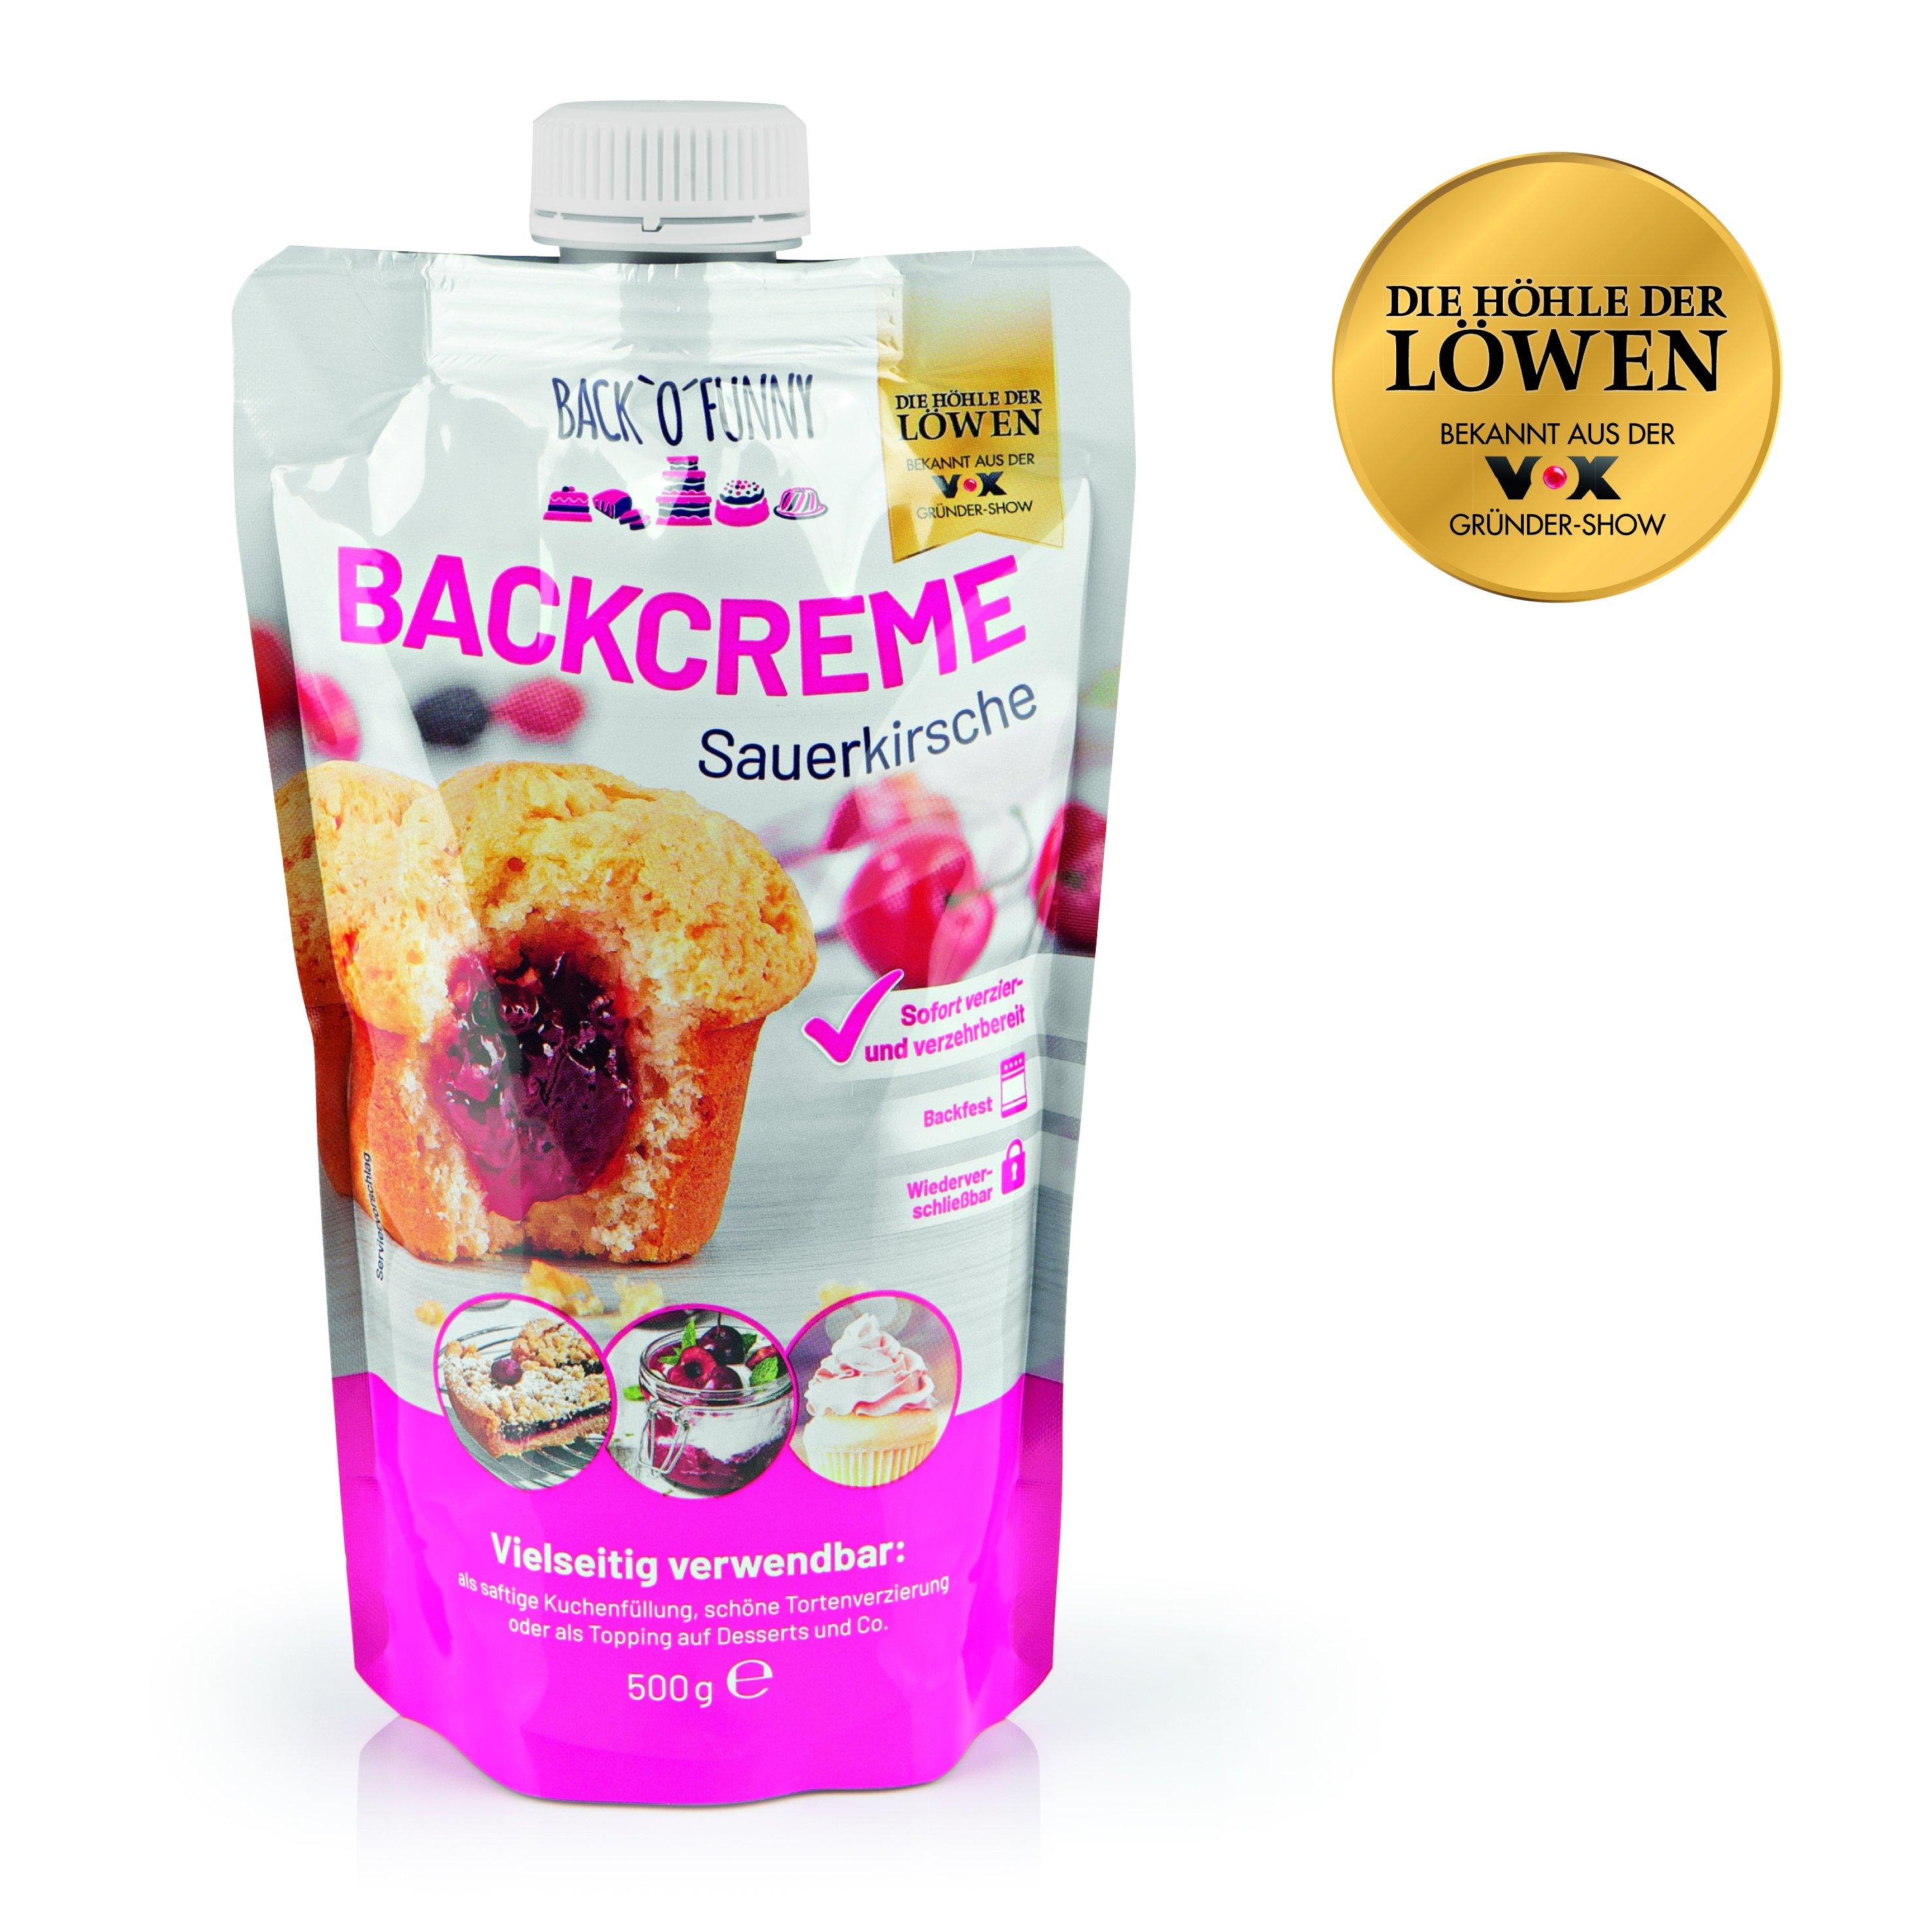 Back o Funny Backcreme Sauerkirsche 500g